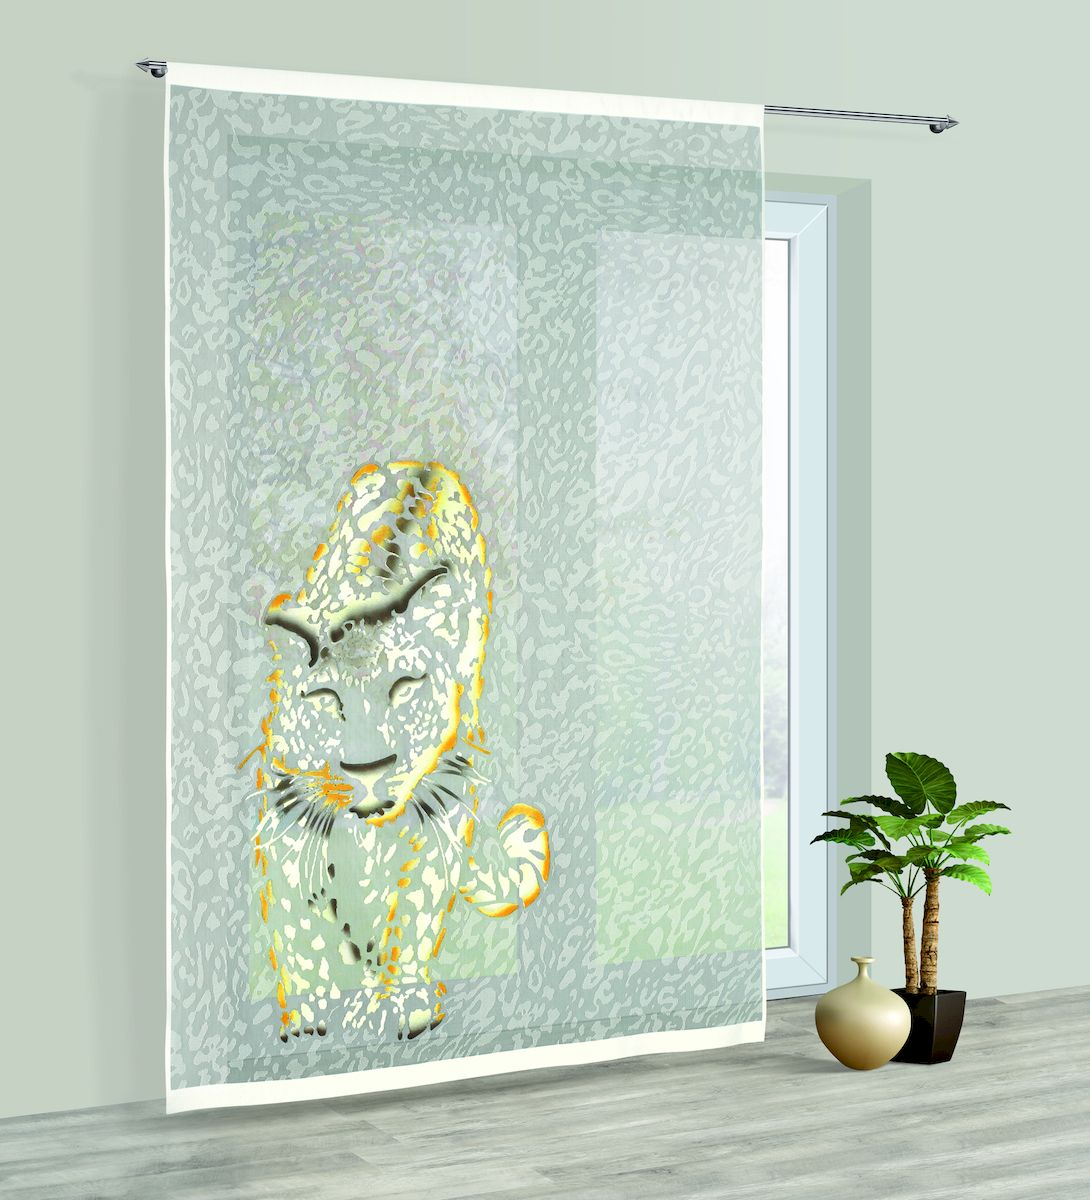 Гардина Haft, на кулиске, цвет: кремовый, высота 250 см. 228780228780/250Гардина Haft великолепно украсит любое окно. Изделие выполнено из полиэстера и украшено изображением леопарда.Изделие имеет оригинальный дизайн и органично впишется в интерьер помещения.Гардина крепится на карниз при помощи кулиски.